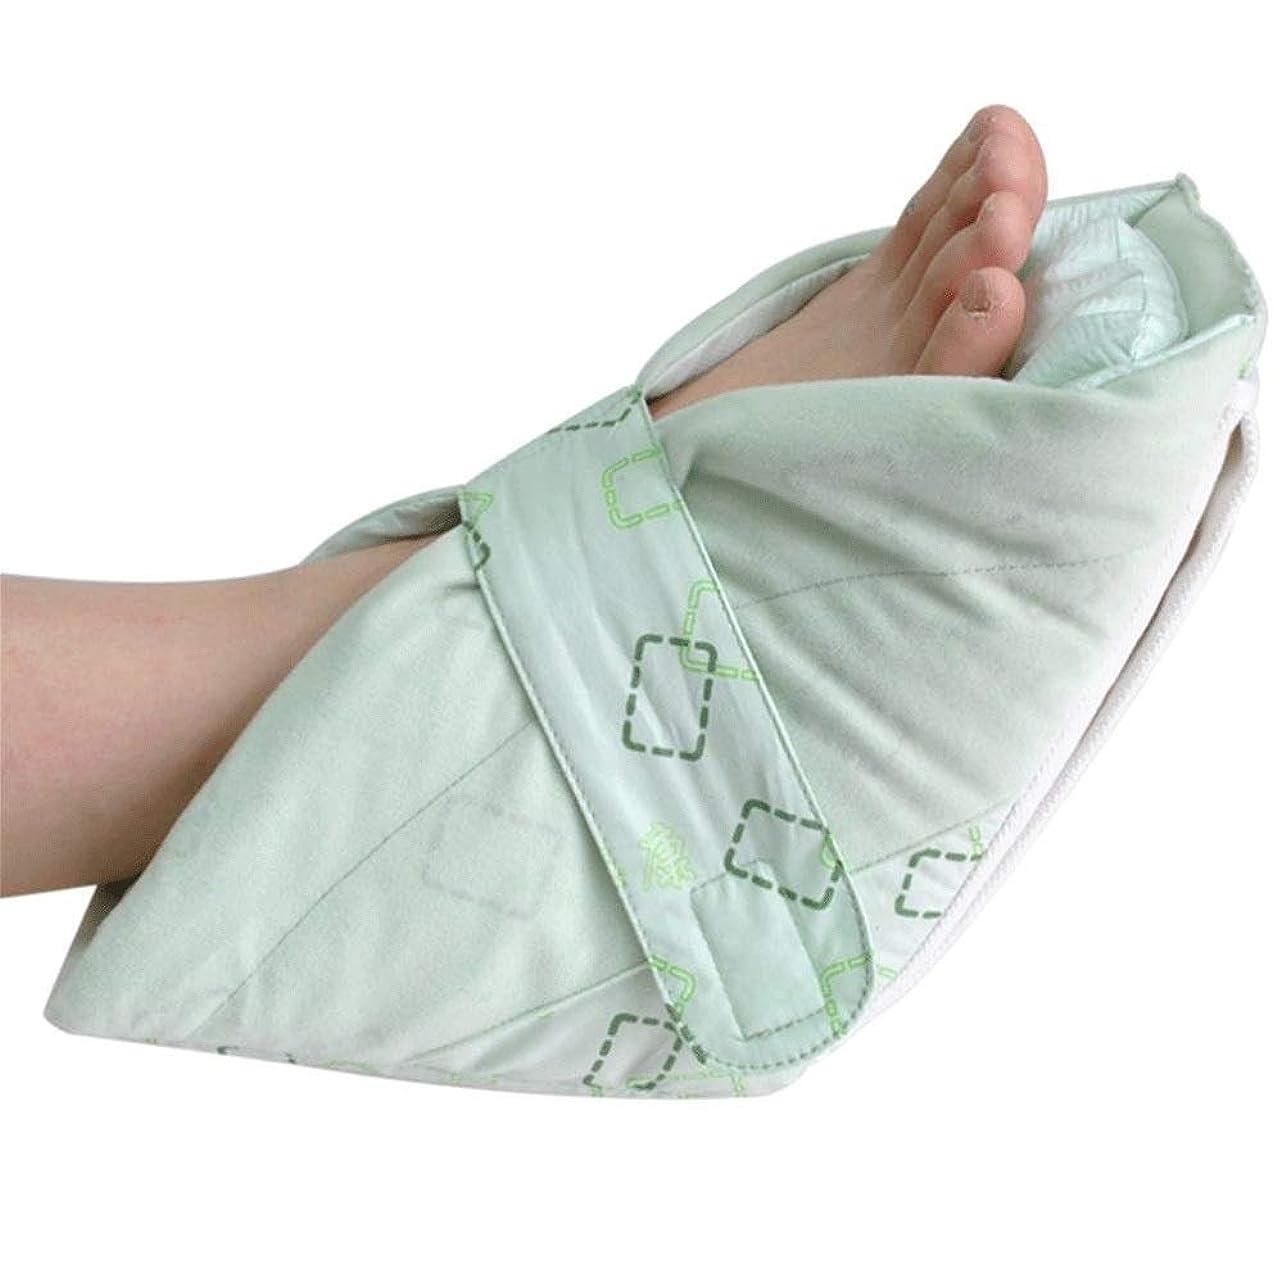 中絶バッフル改革ヒールプロテクター枕、プレミアム圧力軽減フット補正カバー、極細コットン生地、インナークッションは分離可能、グリーン、1ペア